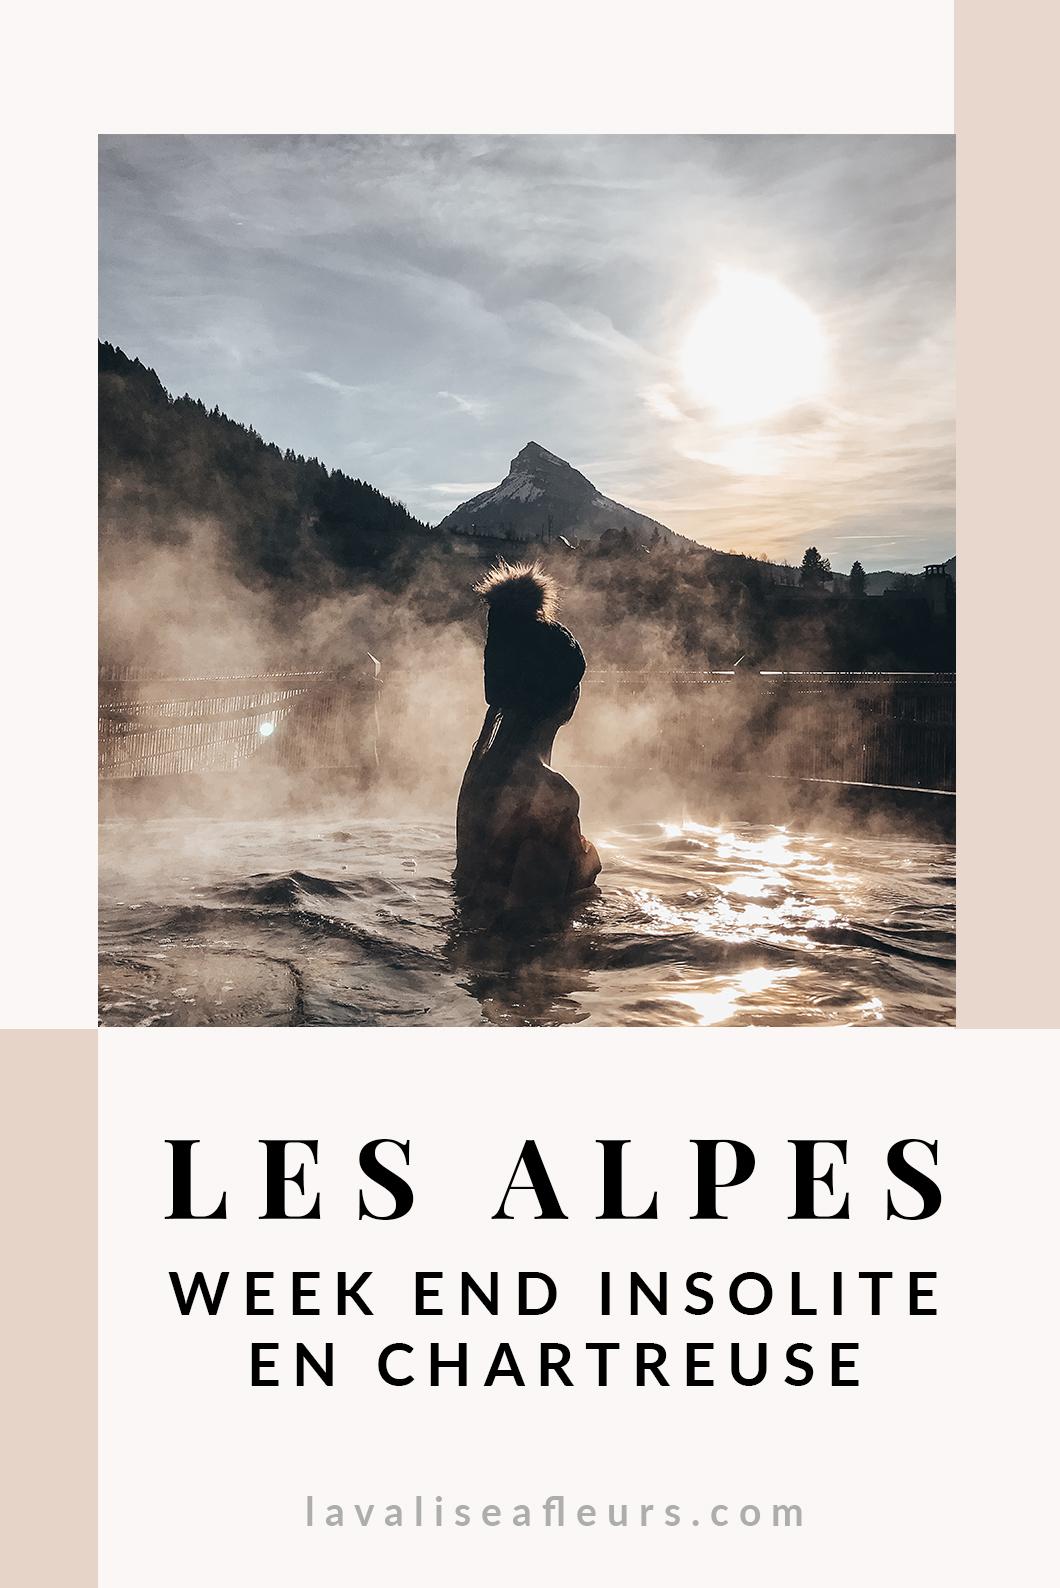 Week end insolite en Chartreuse dans les Alpes